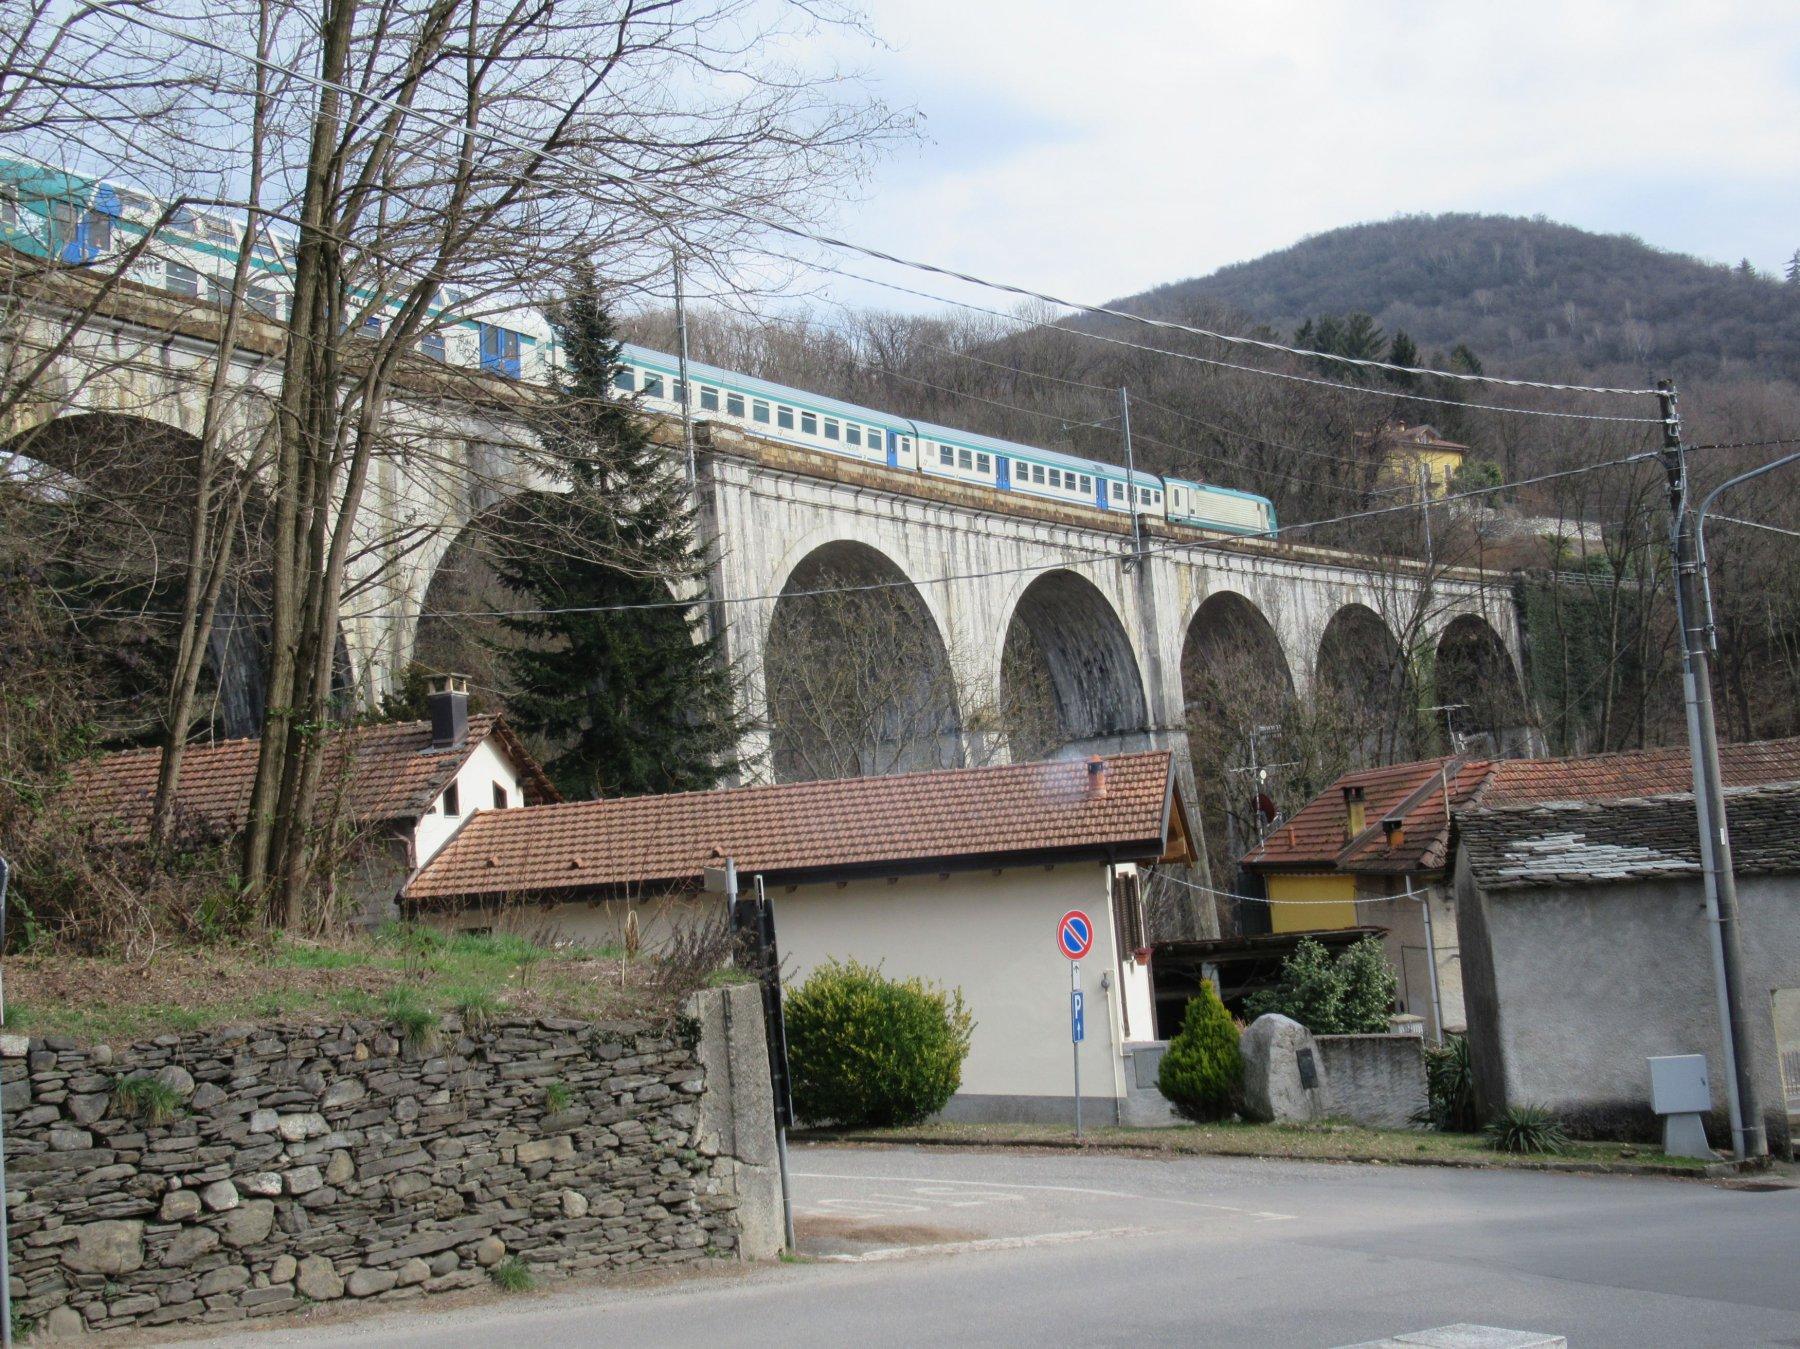 Il viadotto ferroviario sotto cui dobbiamo passare